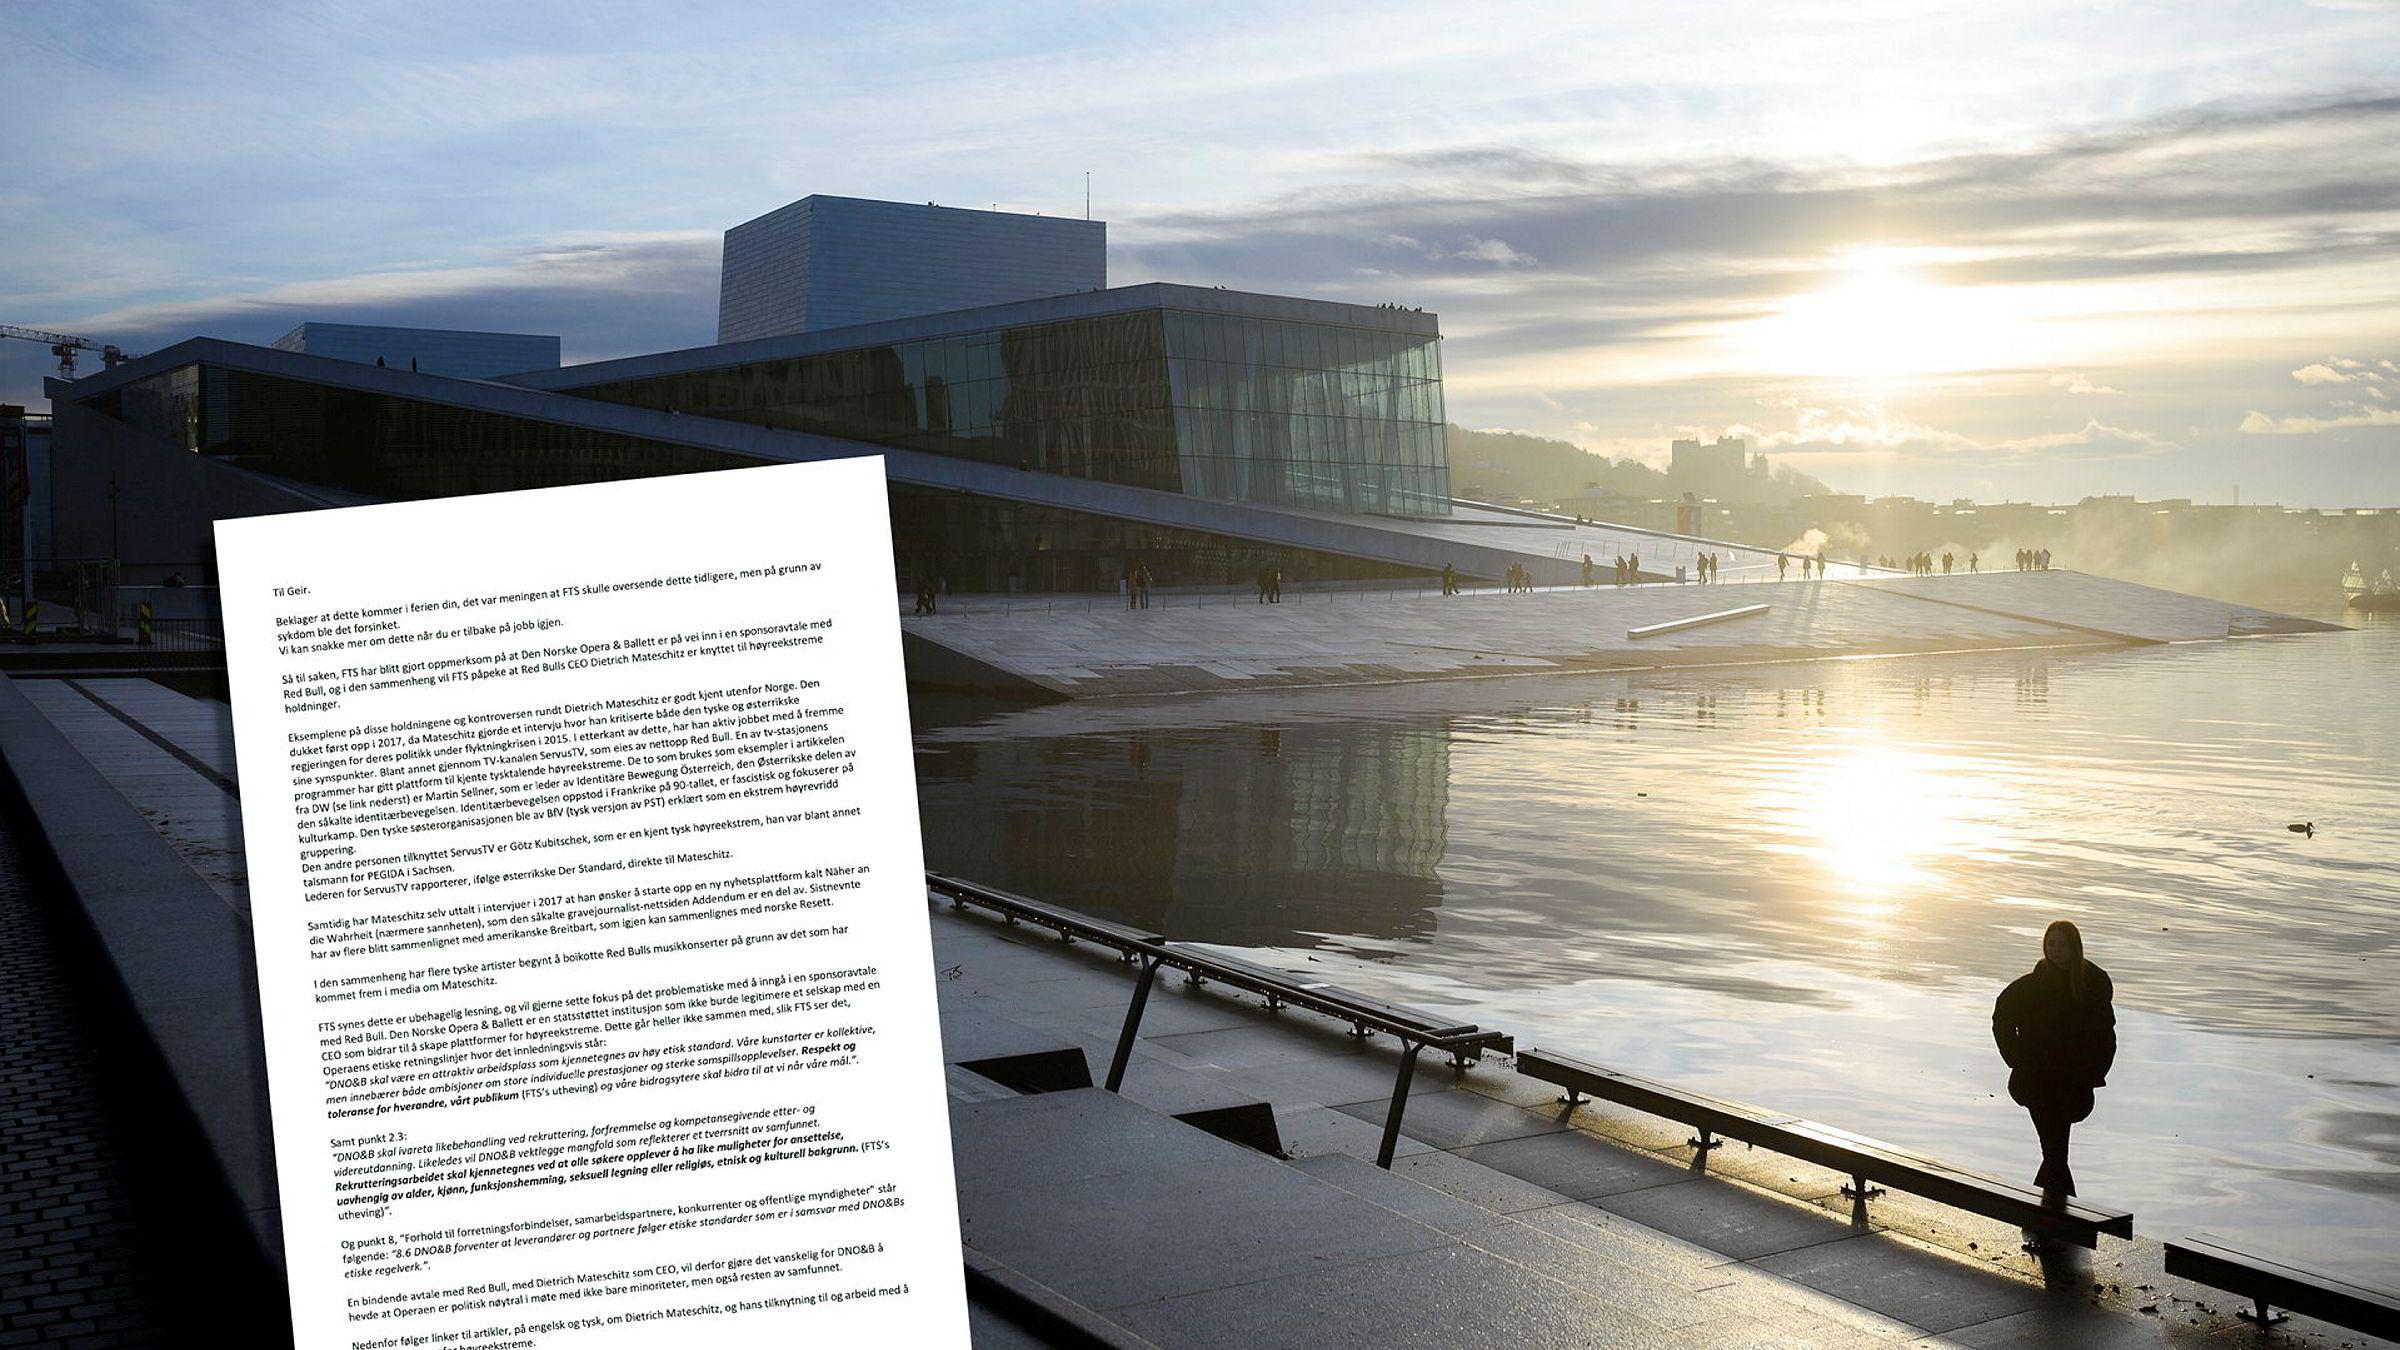 Red Bull er Den Norske Opera & Balletts nye hovedsponsor. Dette til tross for at Fagforbundet Teater og Scene sendte en bekymringsmelding før avtalen ble inngått.